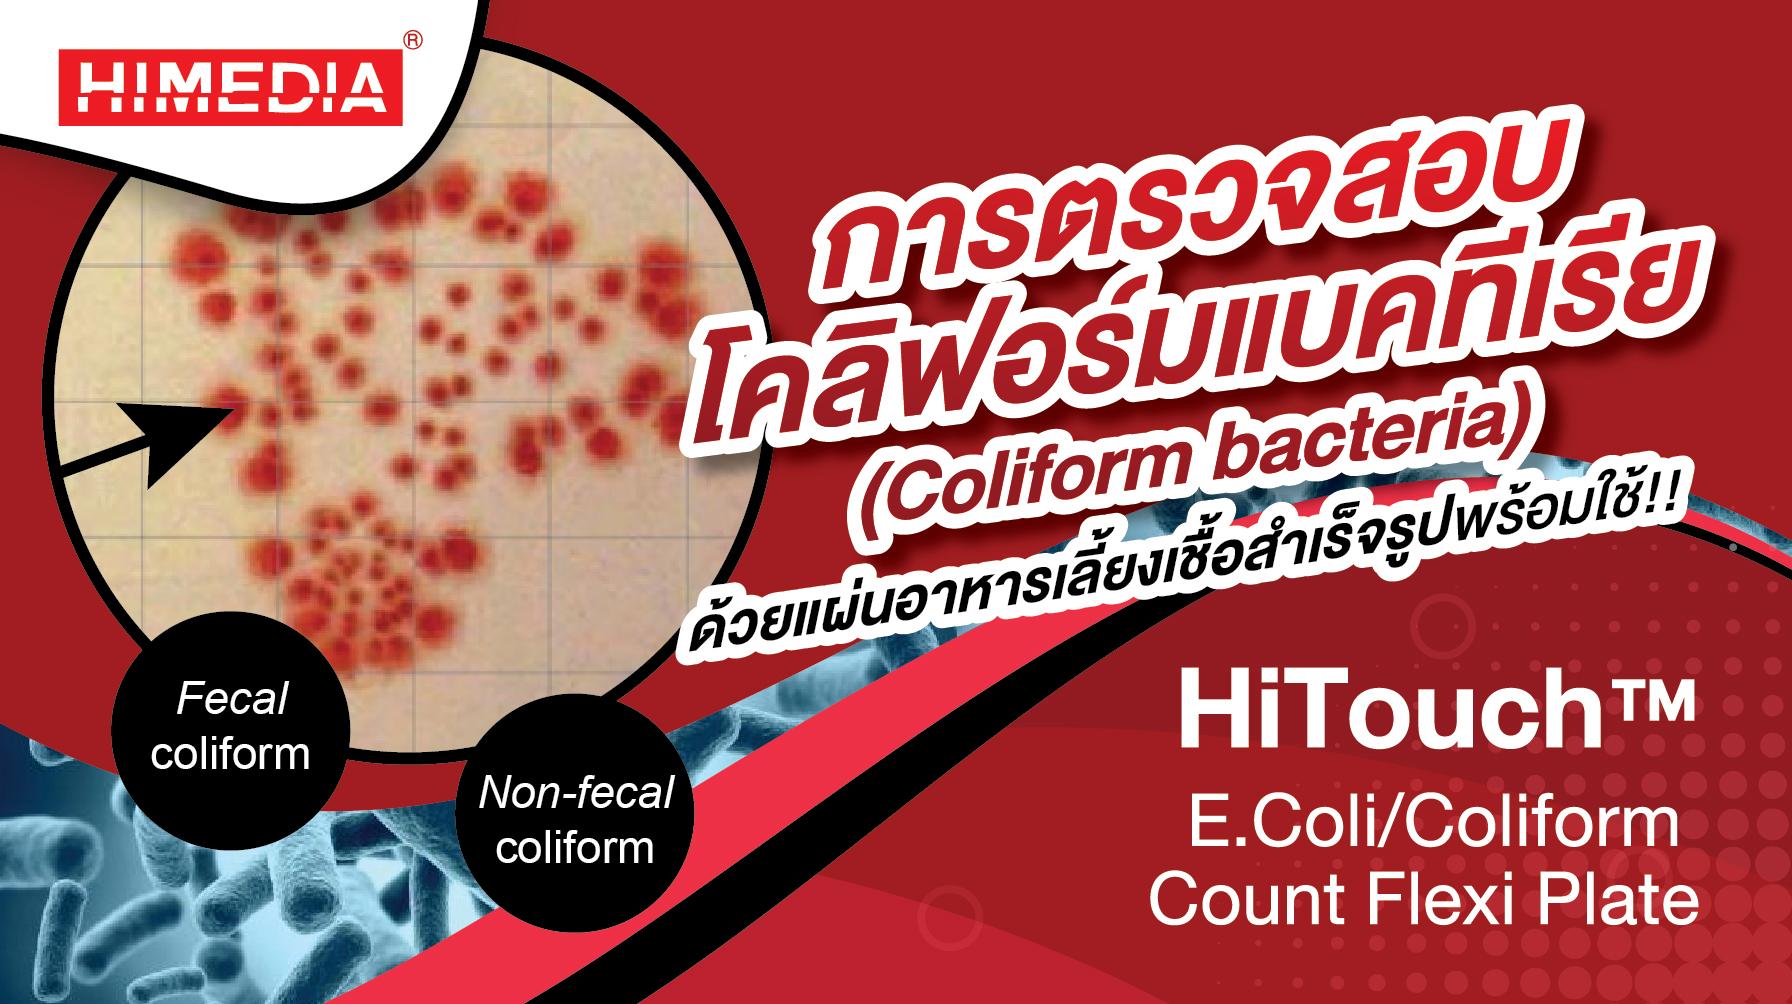 การตรวจสอบโคลิฟอร์มแบคทีเรีย (Coliform bacteria)